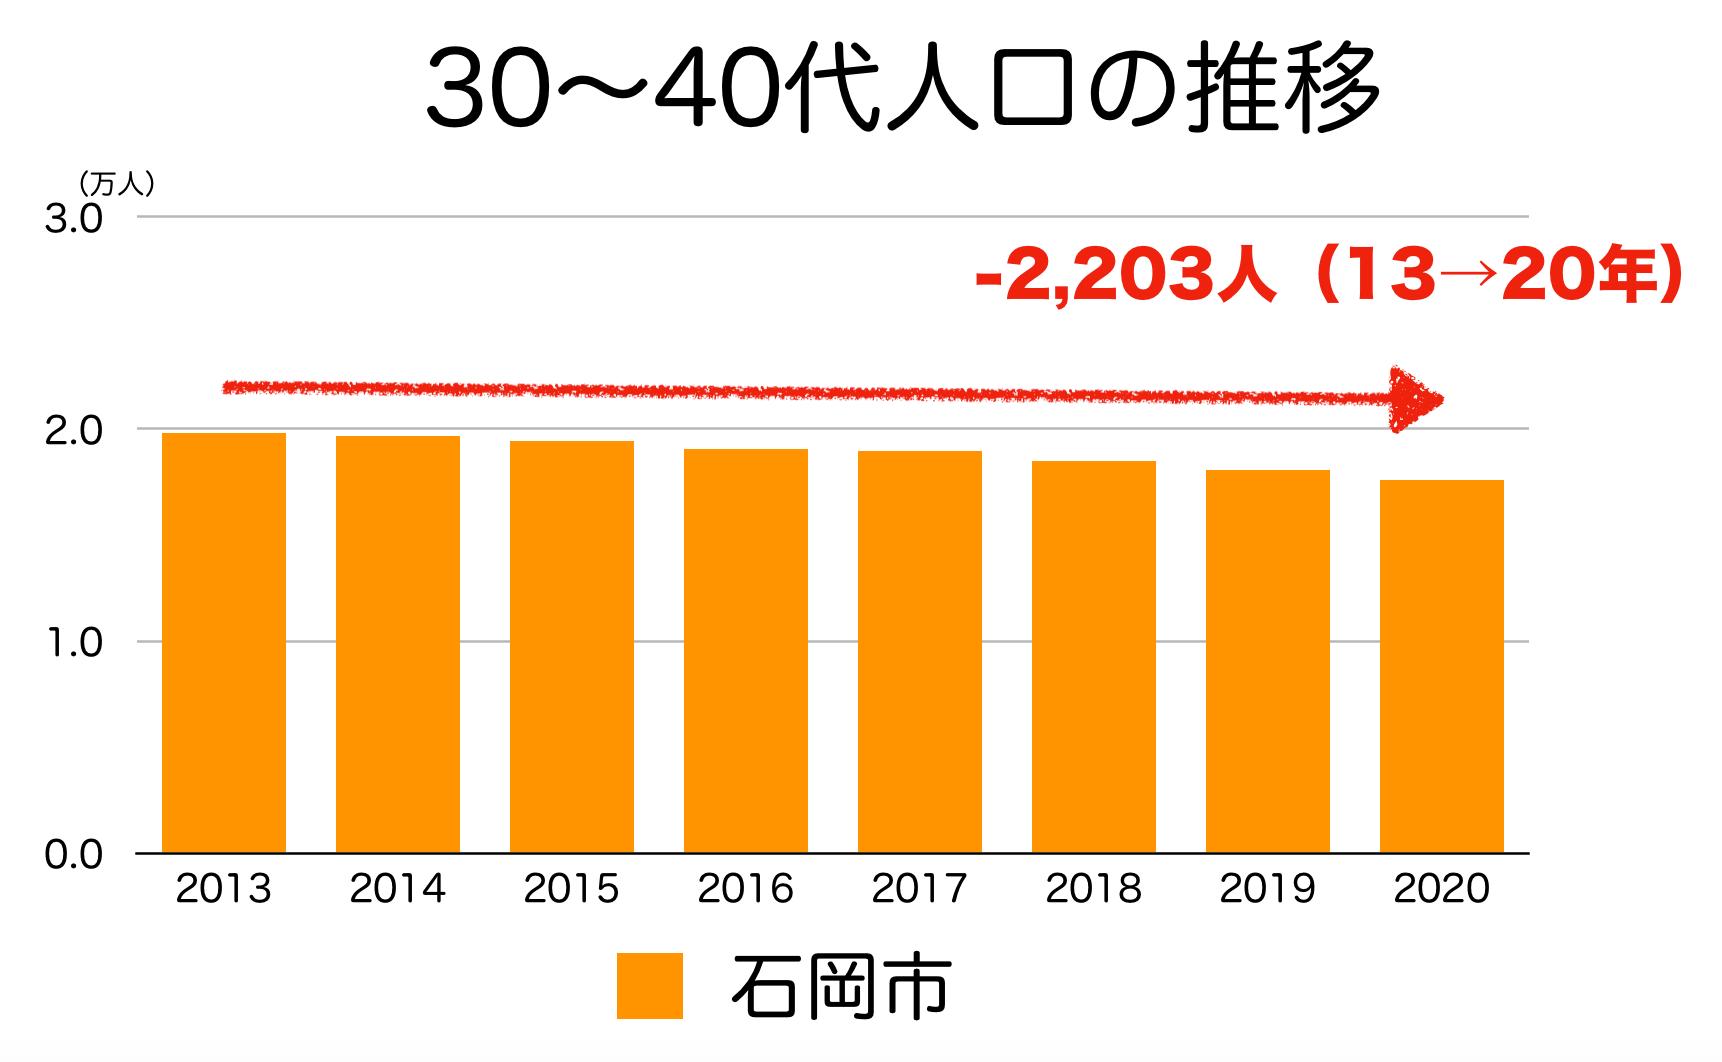 石岡市の30〜40代人口の推移